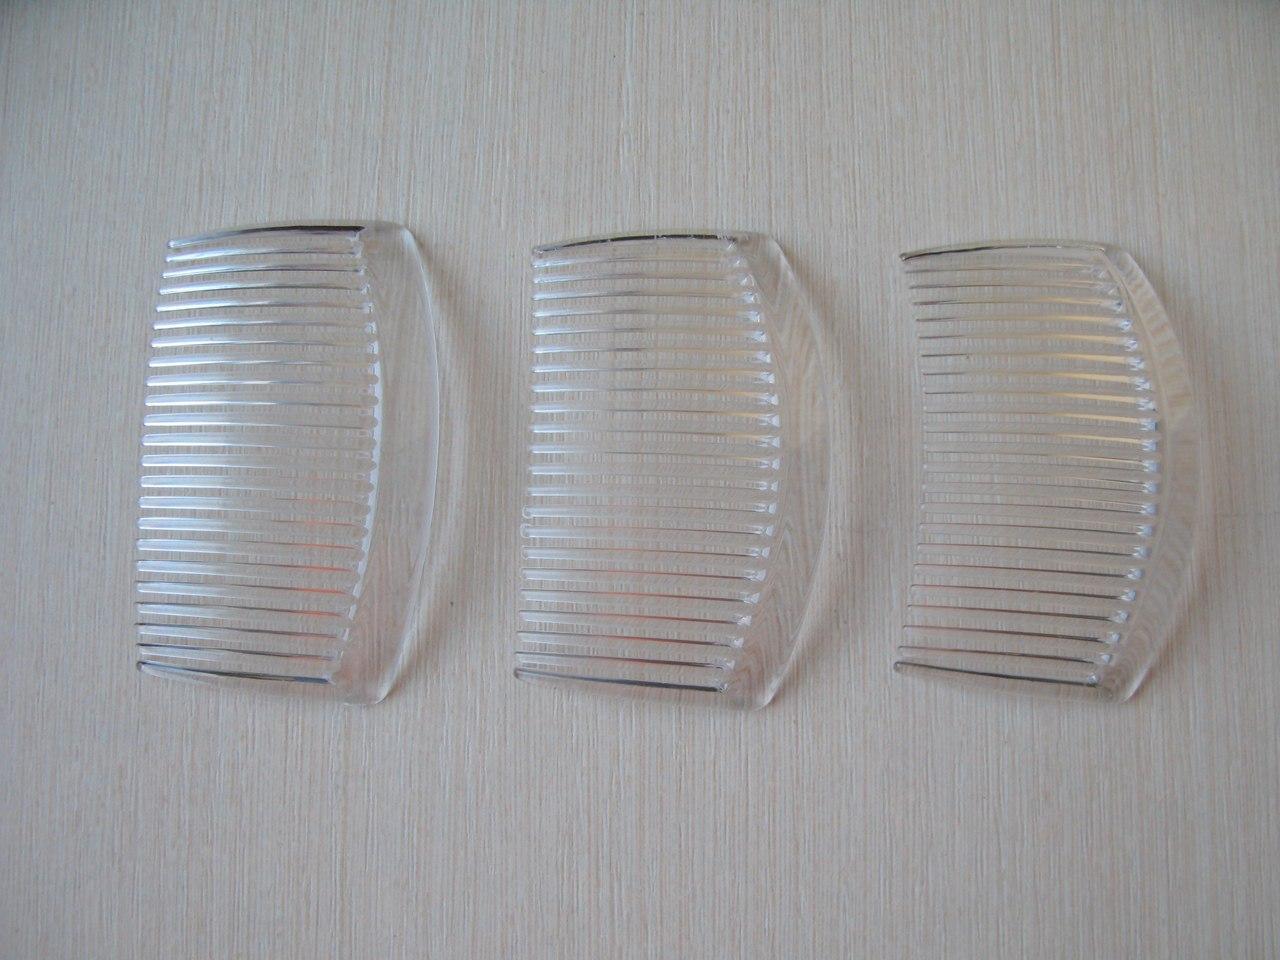 Гребешок-основа пластиковый прозрачный. Длина 8,5 см Цена - 5 грн